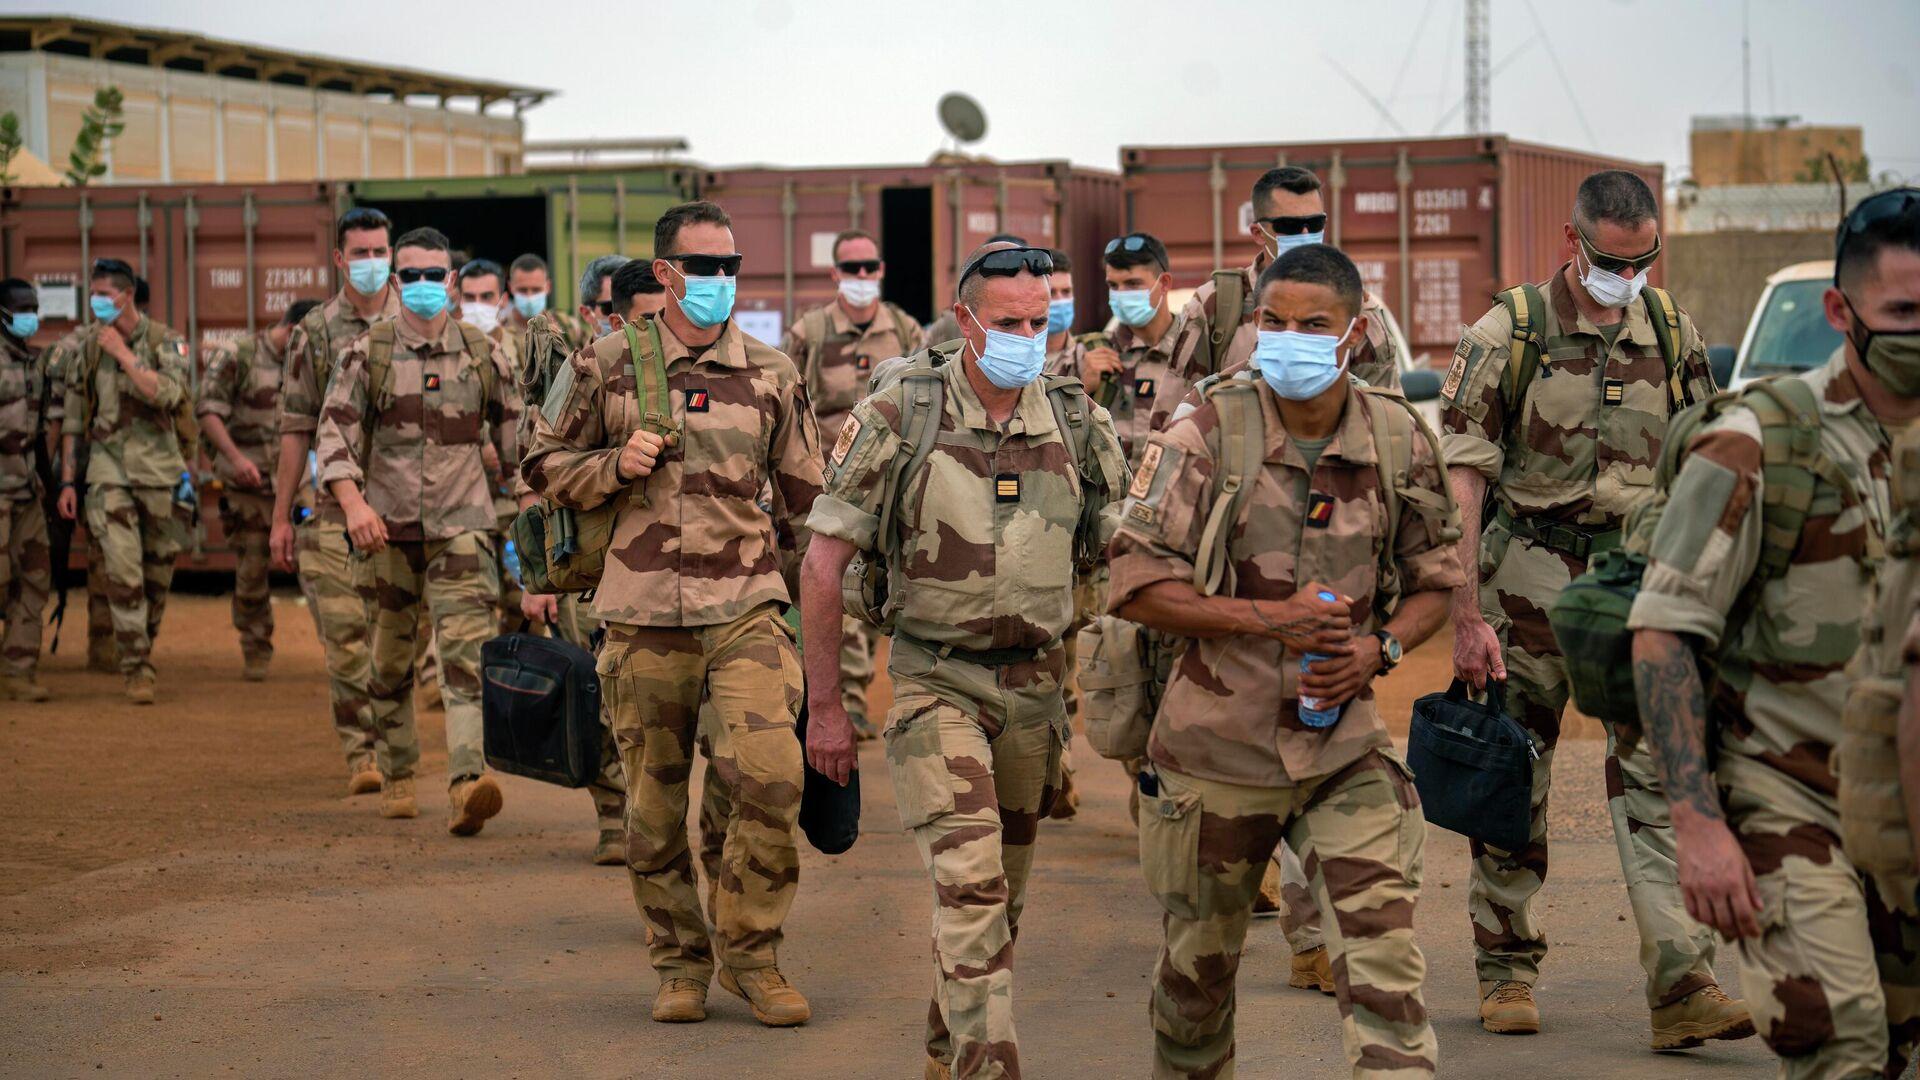 Französische Soldaten, Teilnehmer an der Operation Barkhane gegen die Terroristen. Militärstützpunkt Gao, Mali, 9. Juni 2021 - SNA, 1920, 10.06.2021